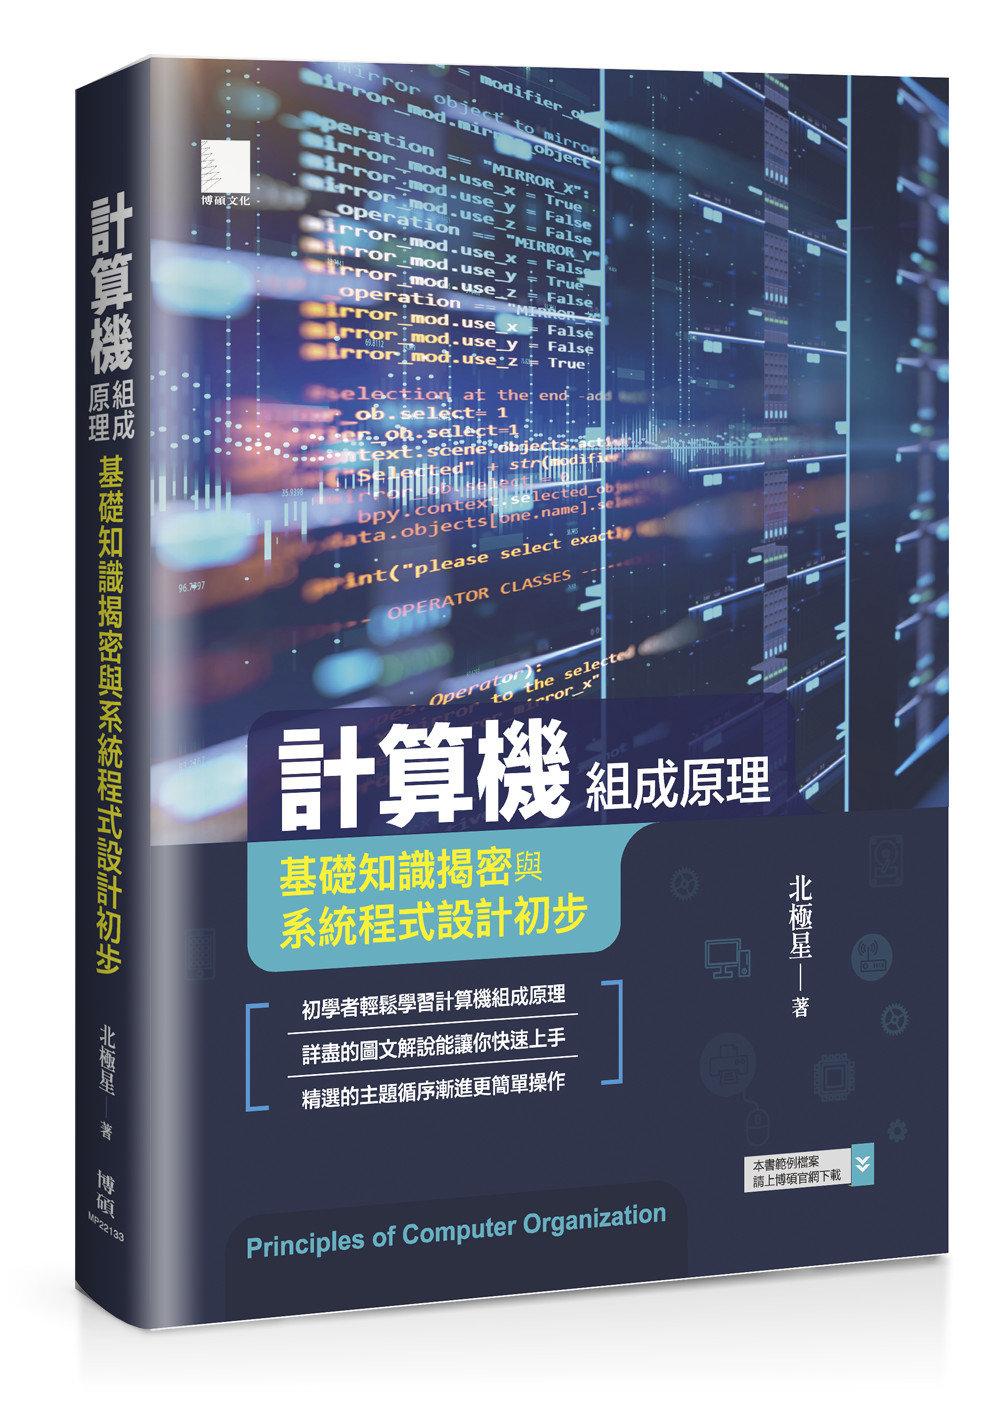 計算機組成原理-基礎知識揭密與系統程式設計初步-preview-1